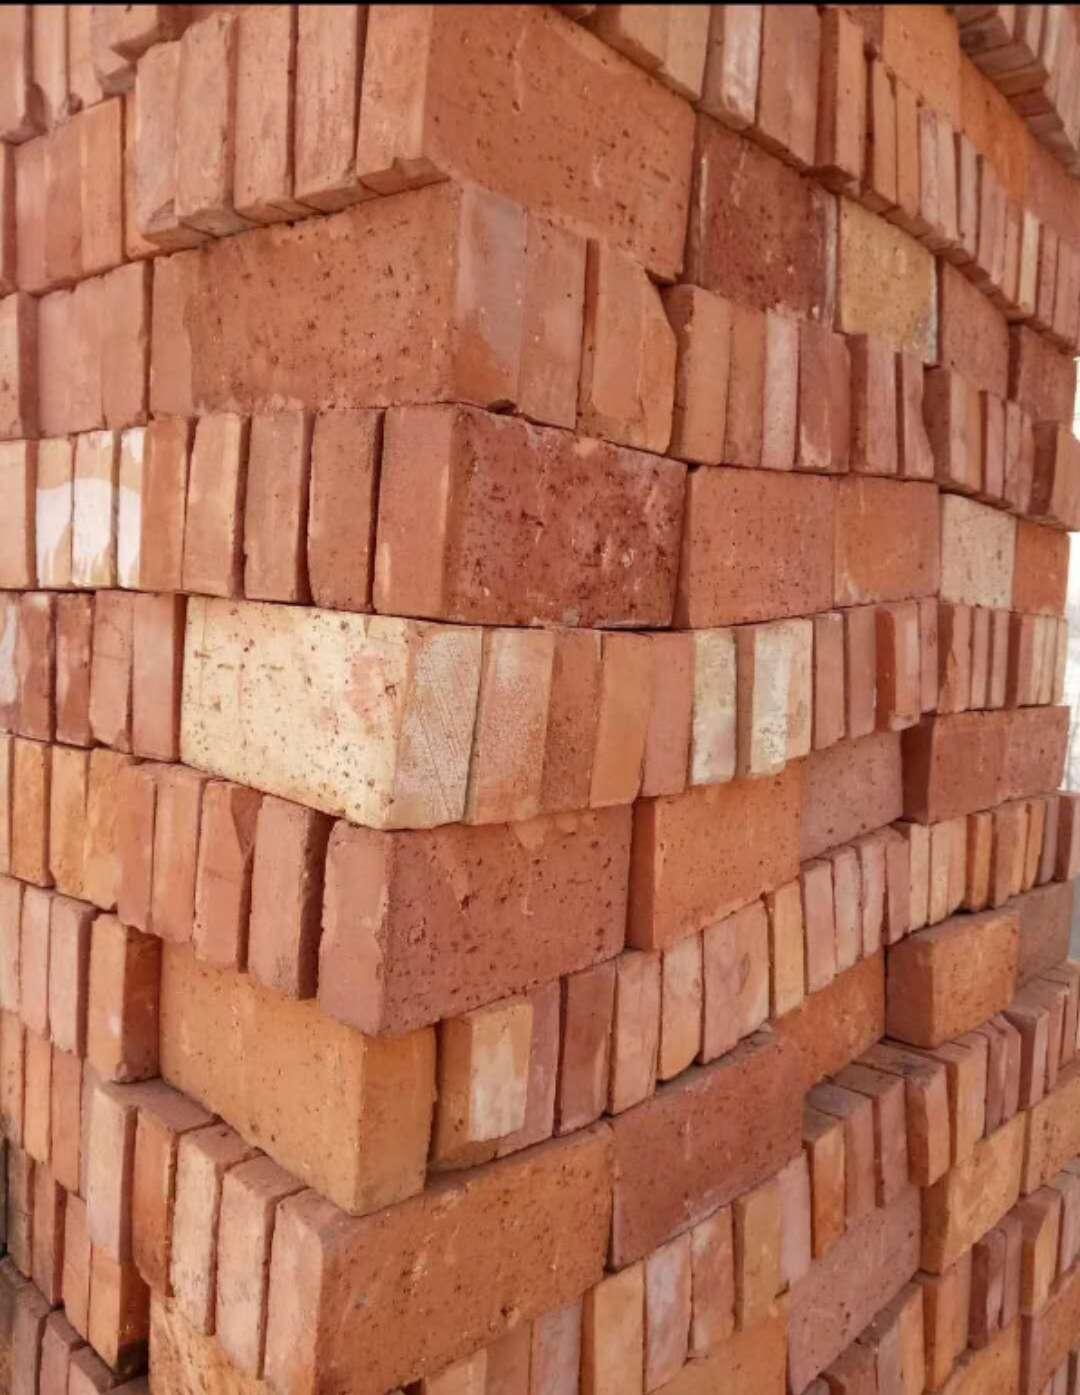 乌鲁木齐通用红砖 信誉保证 恒福建材供应